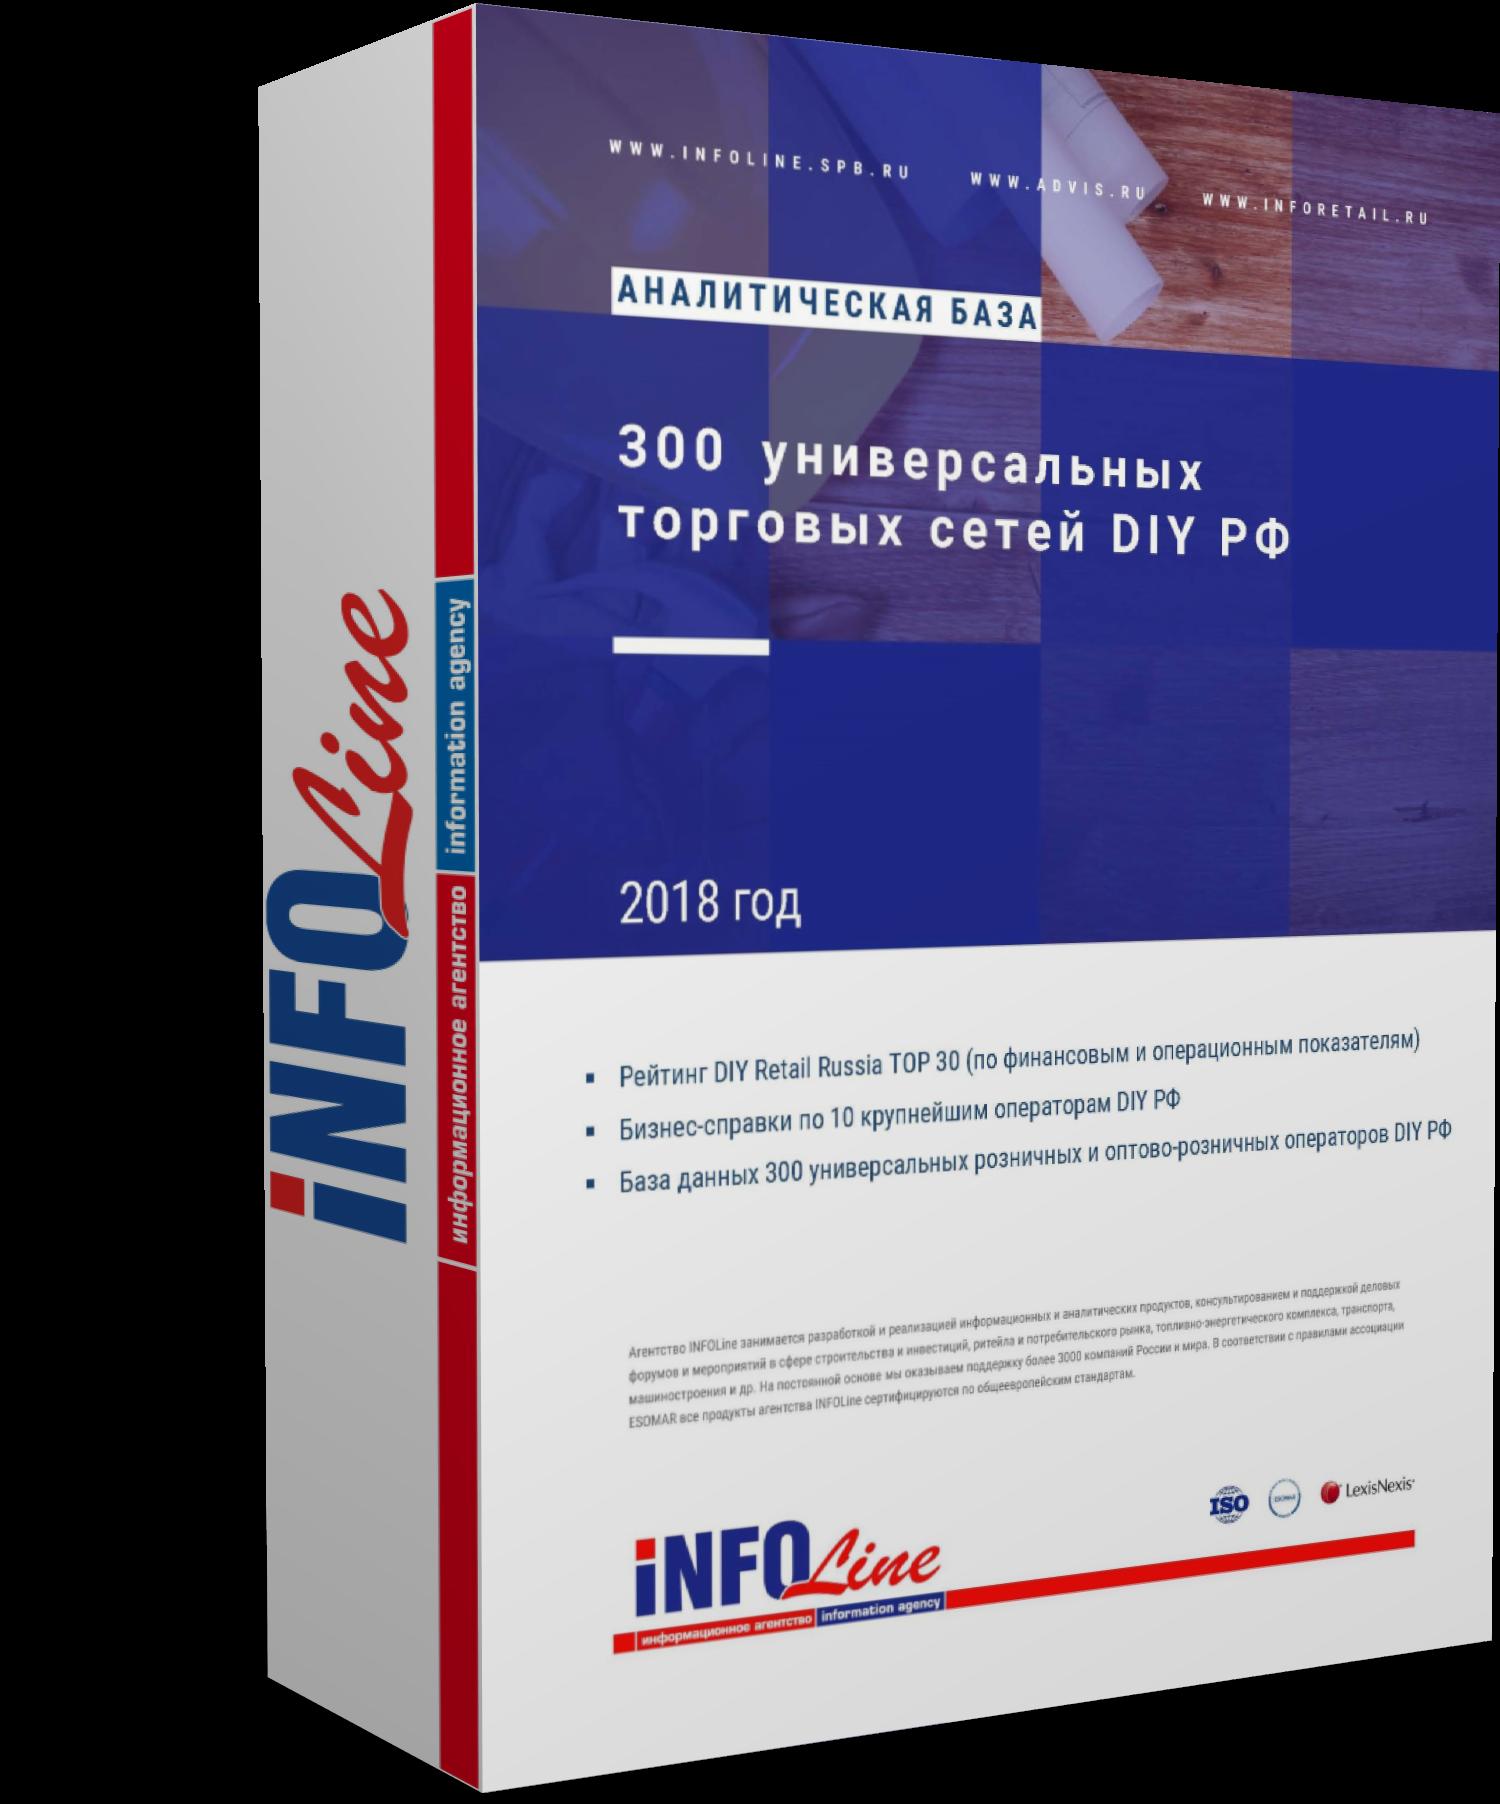 Аналитическая база: 300 универсальных торговых сетей DIY РФ. 2018 год (доступна обновленная версия исследования)